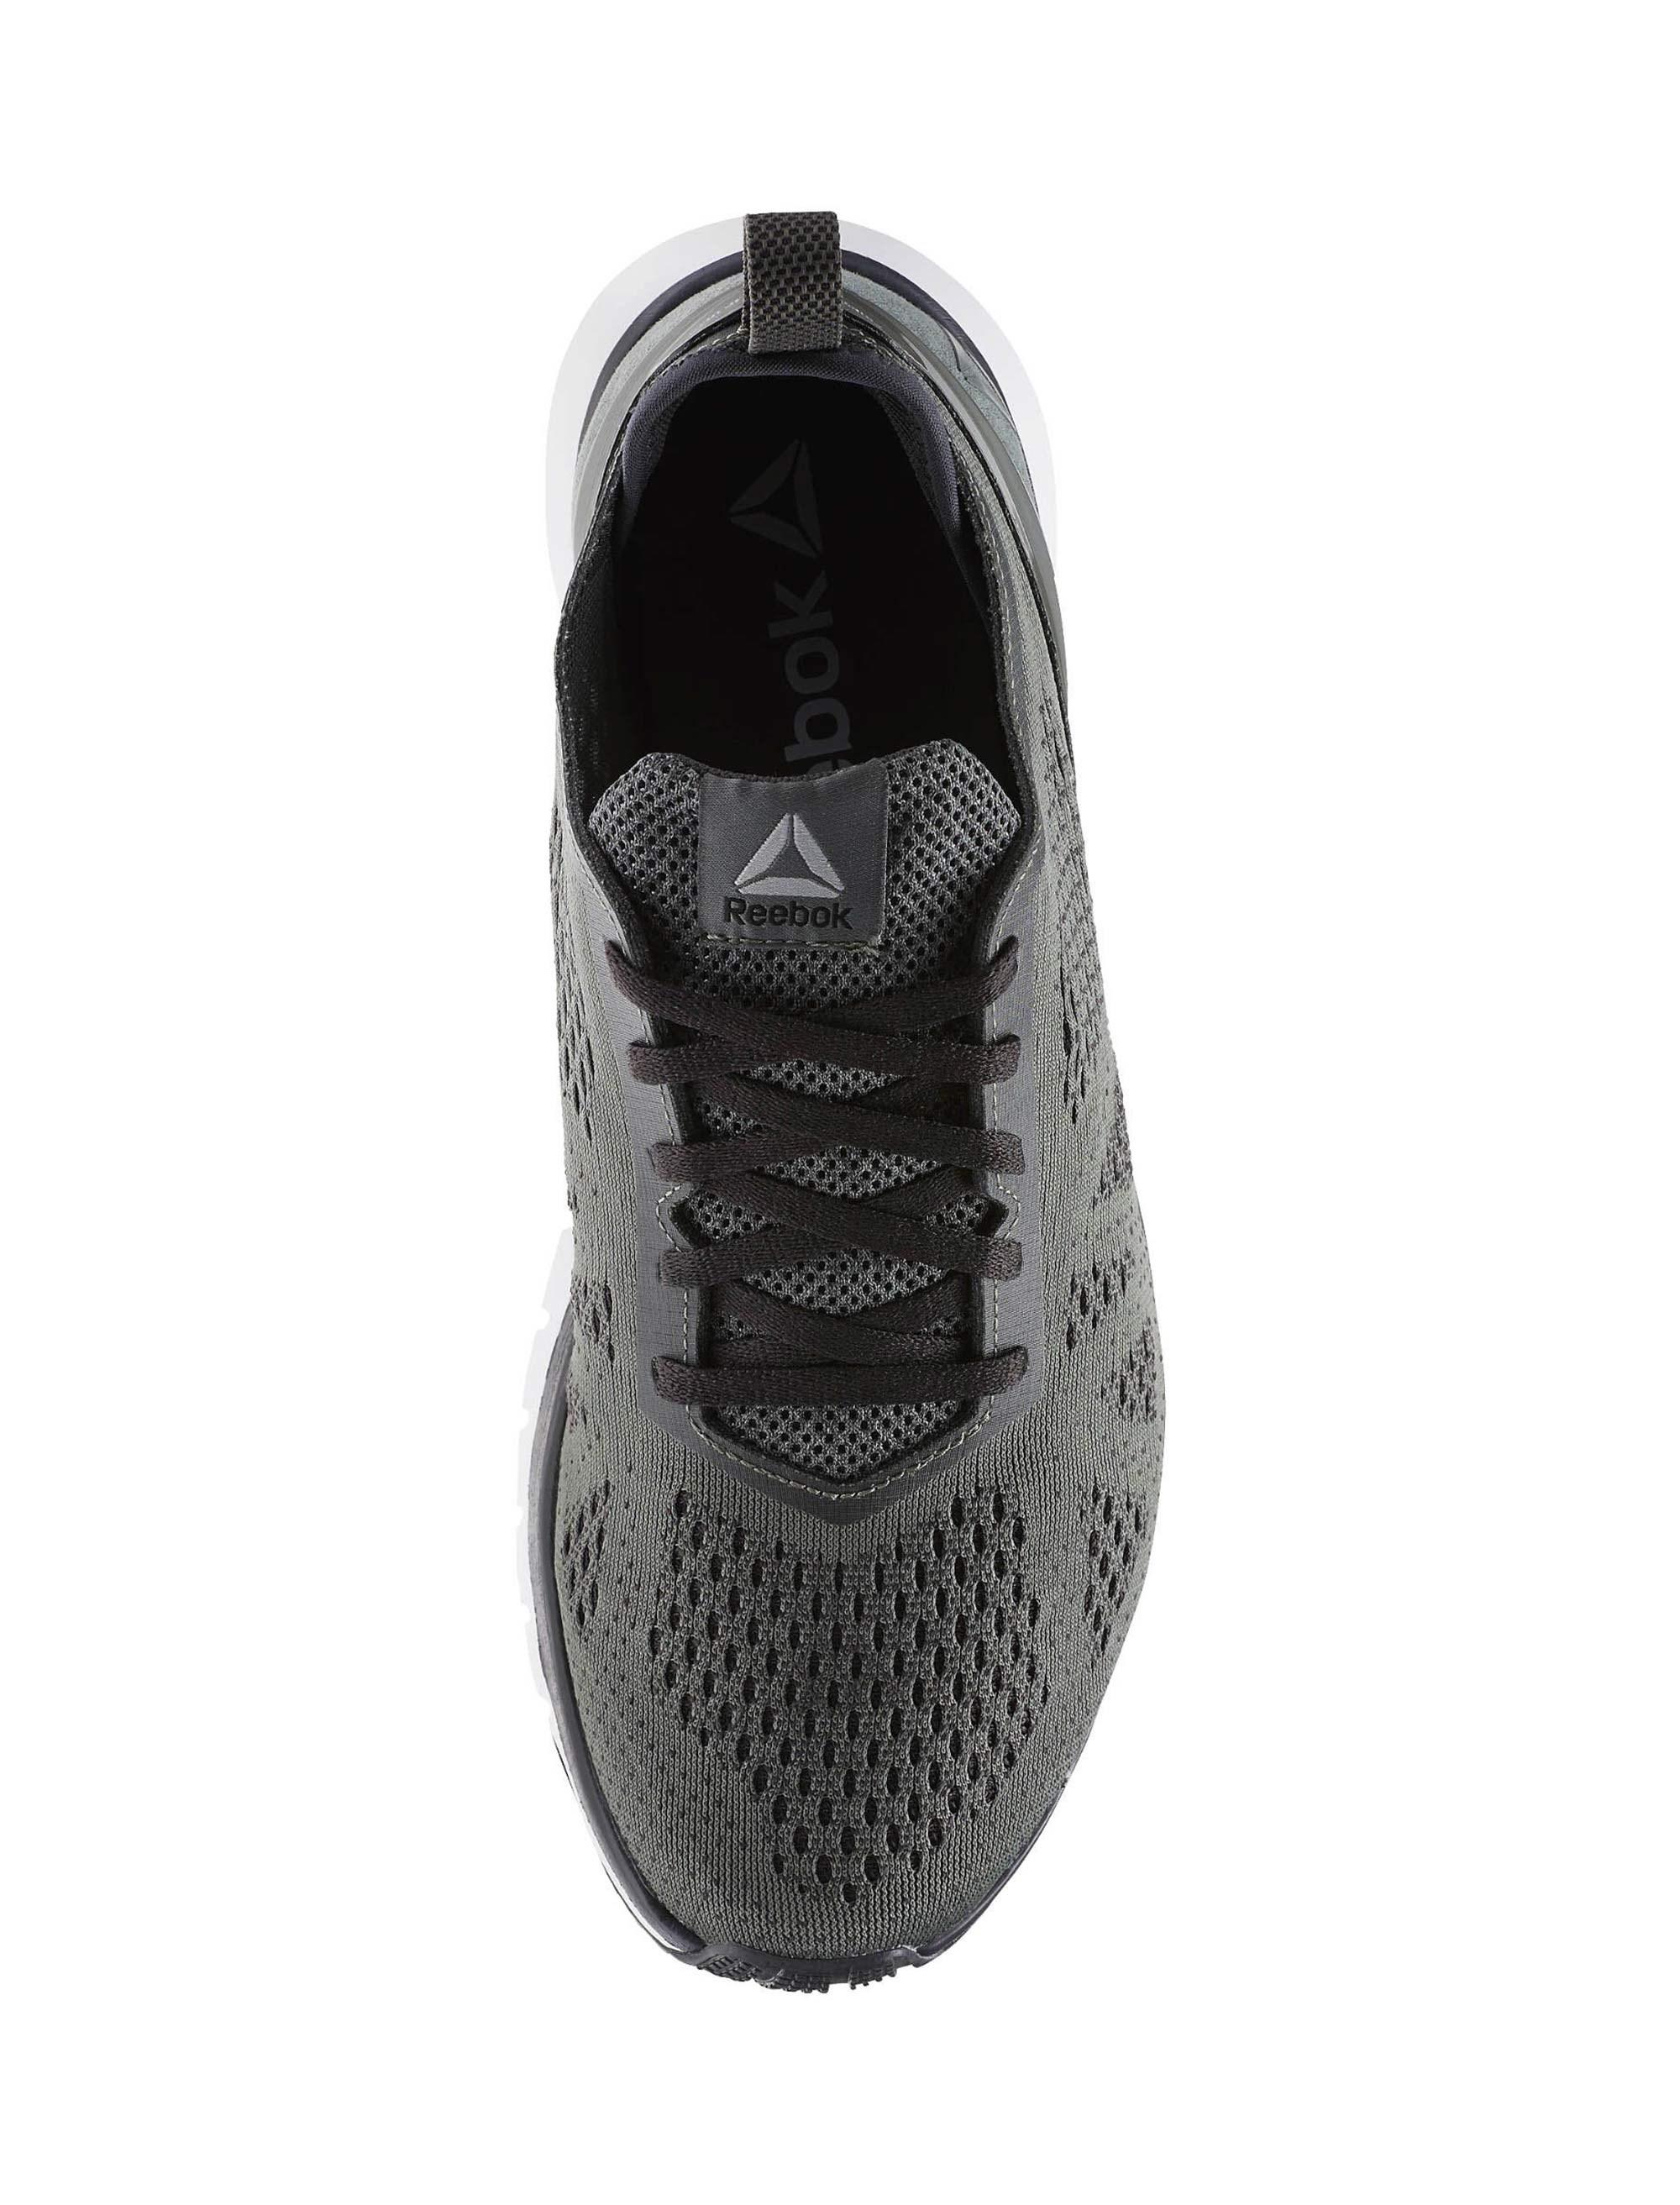 کفش دویدن بندی مردانه Smooth Clip Ultraknit - ریباک - طوسي - 5